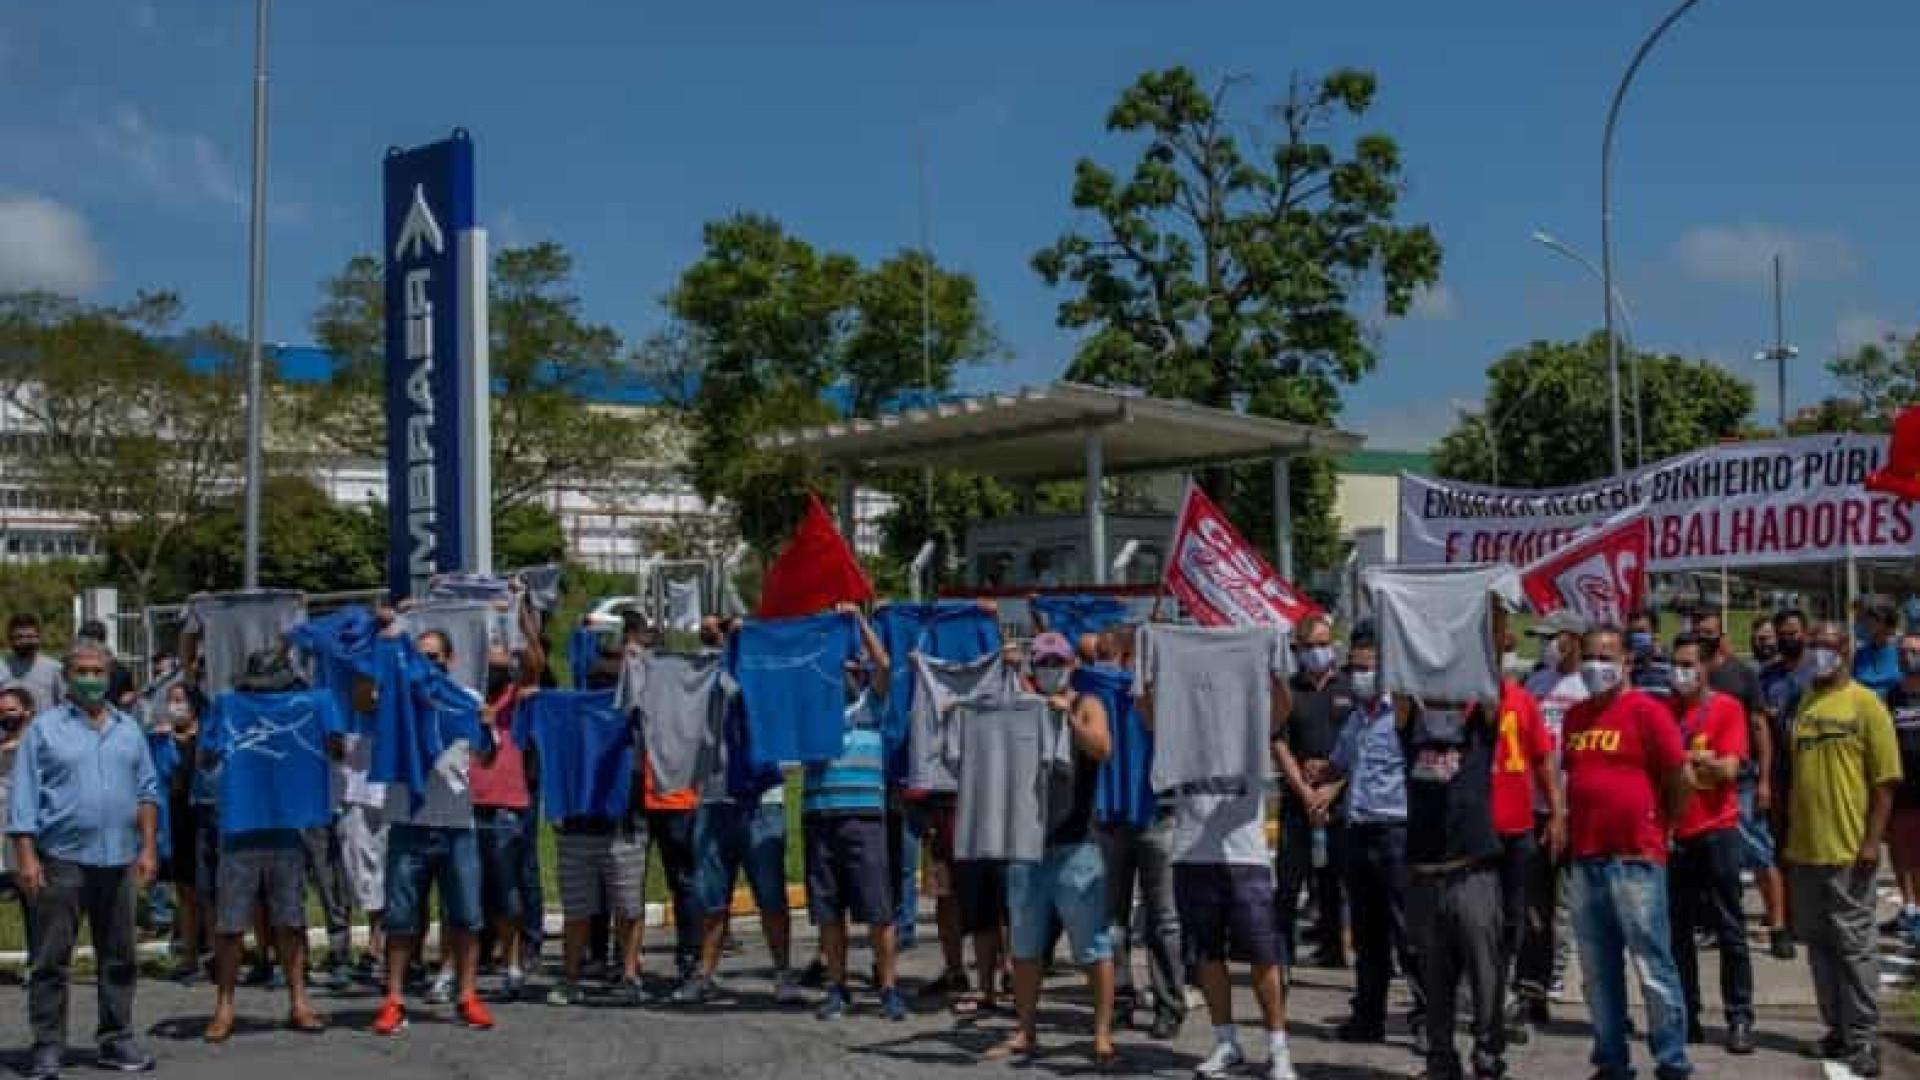 Ato em frente à fábrica marca dia do julgamento das demissões na Embraer